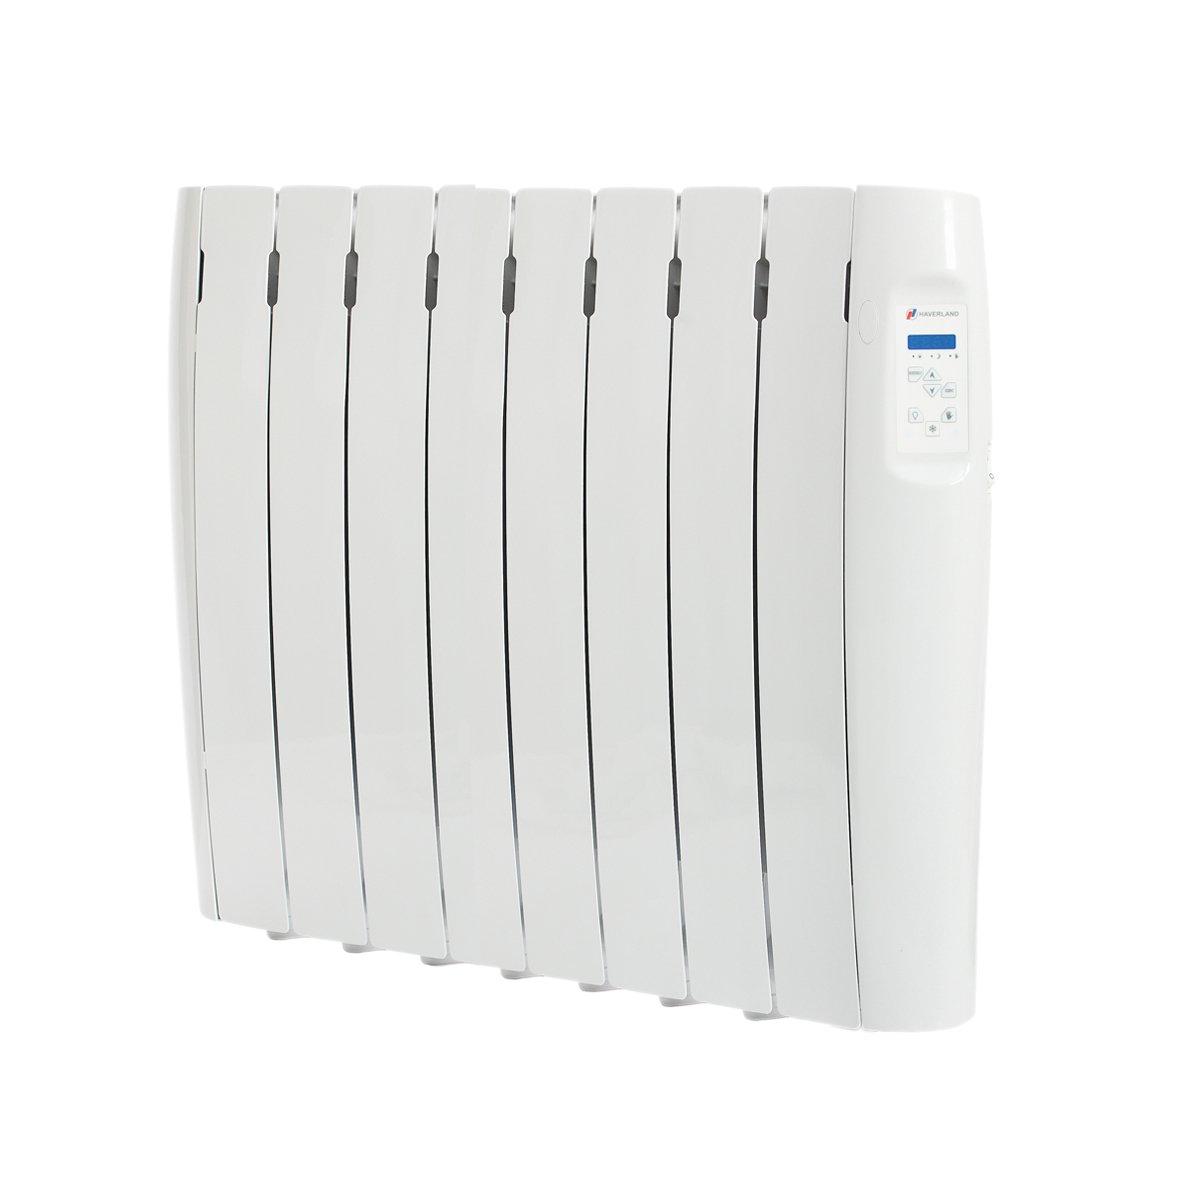 Haverland RC8M - Radiador Digital Fluido Bajo Consumo, 1000W de Potencia, 8 Elementos, Programable, Exclusivo Indicador De Consumo, Pantalla Temperatura ...